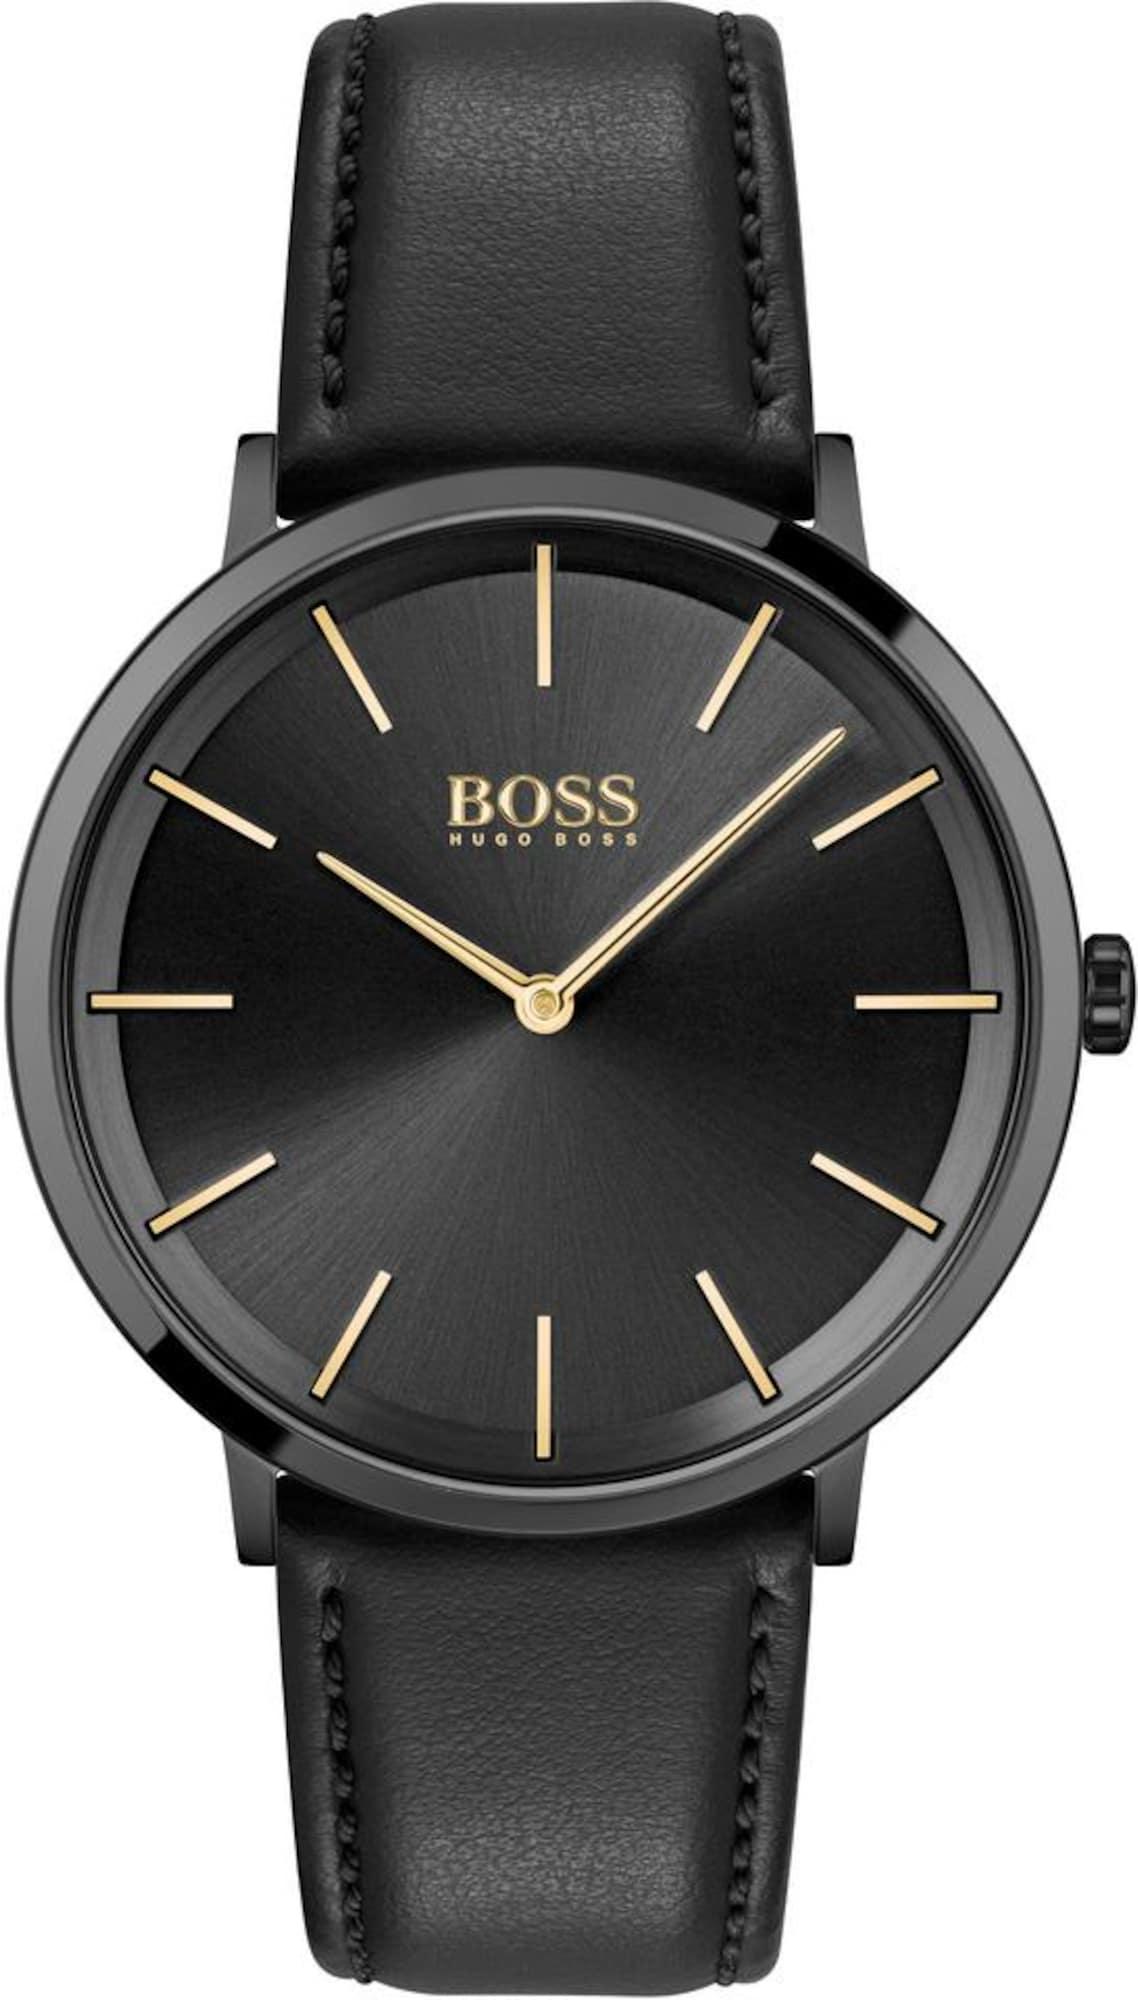 BOSS Analoginis (įprasto dizaino) laikrodis 'SKYLINER' juoda / sidabrinė / auksas